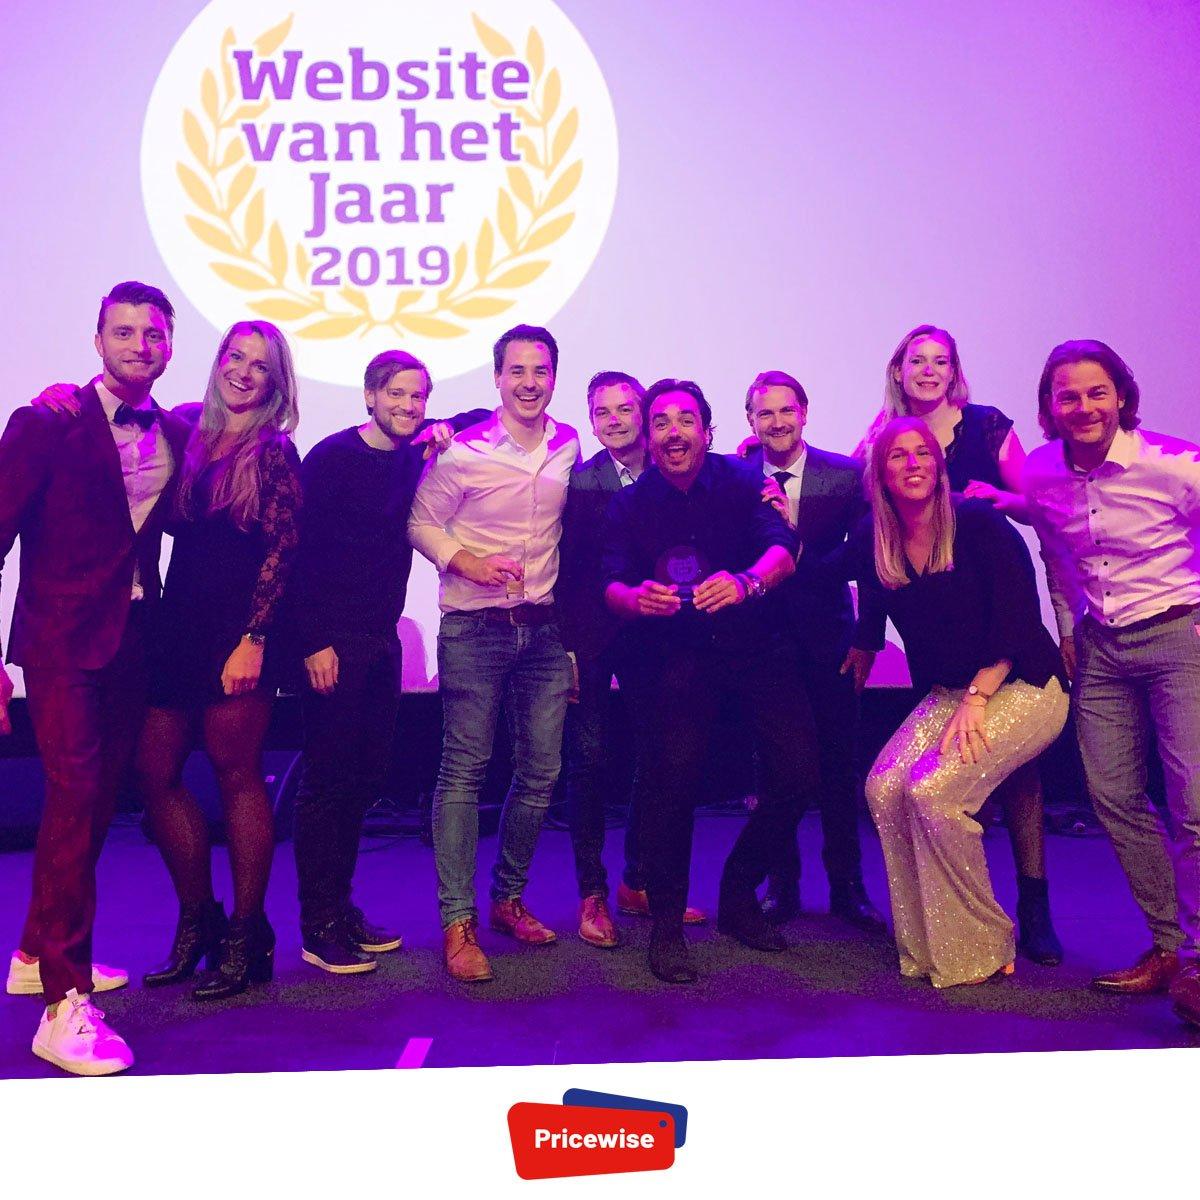 🎉 Yay! Dit is geweldig! Wij hebben de titel voor beste vergelijkingssite van 2019 gewonnen! 🥳 Lieve stemmers, megabedankt voor jullie hulp! #websitevanhetjaar https://t.co/lDLA3G2ISY